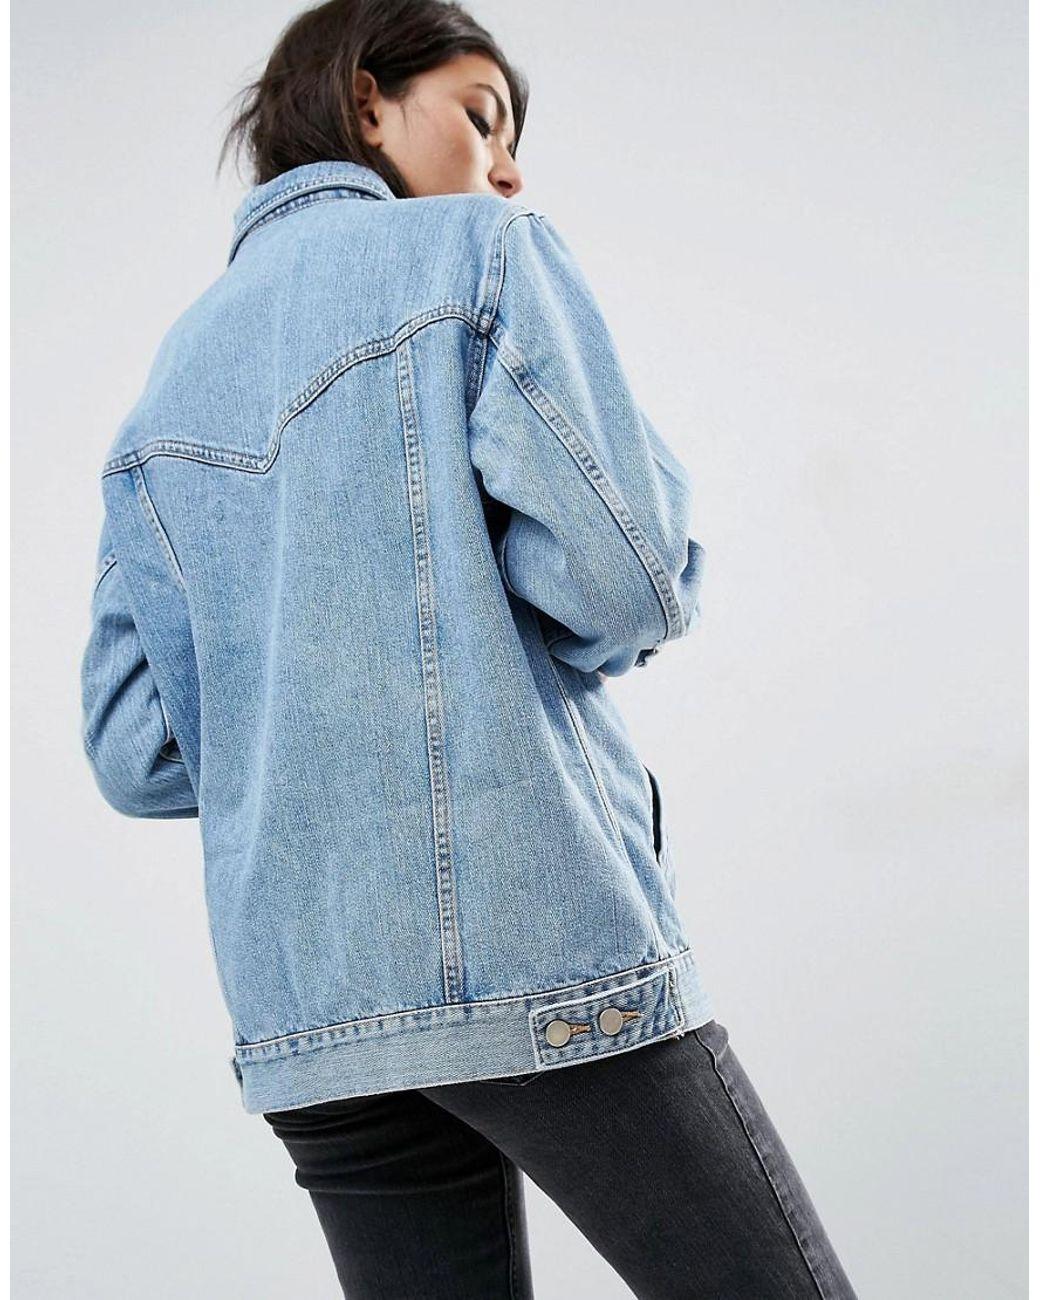 c59f4a806f Veste coupe girlfriend en jean - Bleu délavé ASOS en coloris Bleu - Lyst